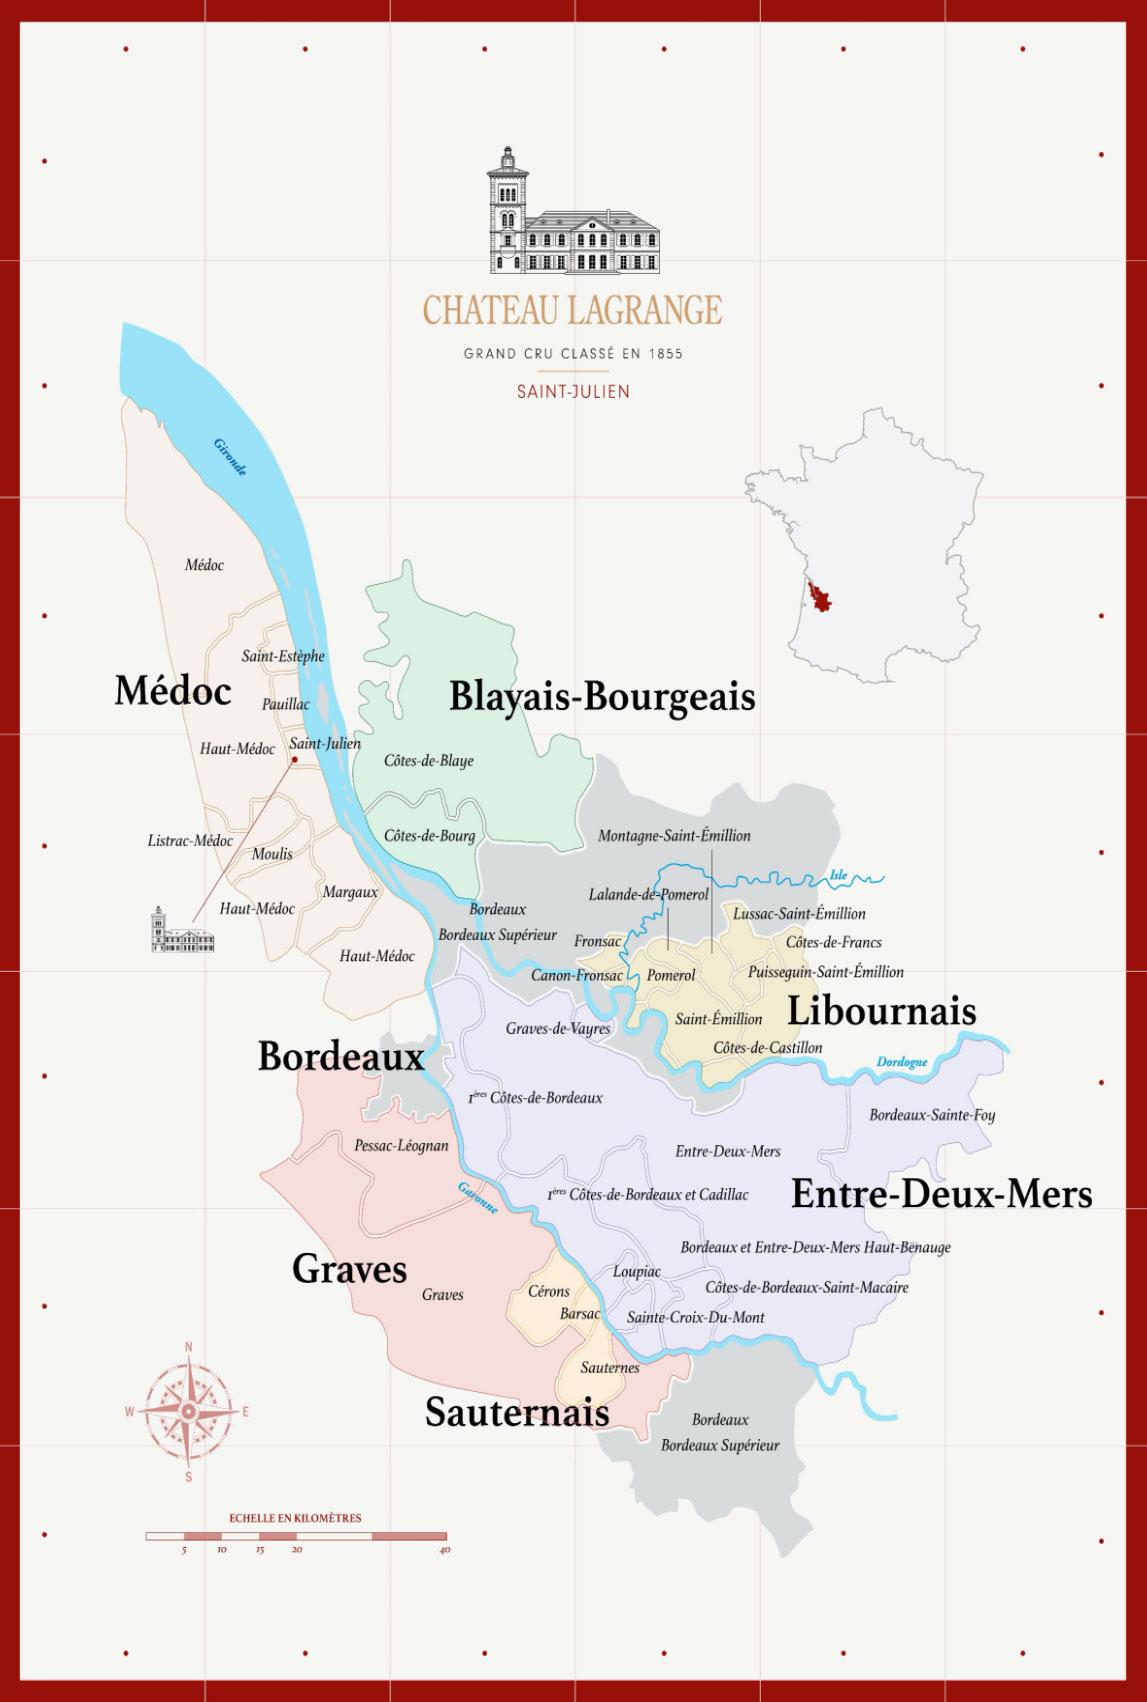 localisation-chateau-lagrange